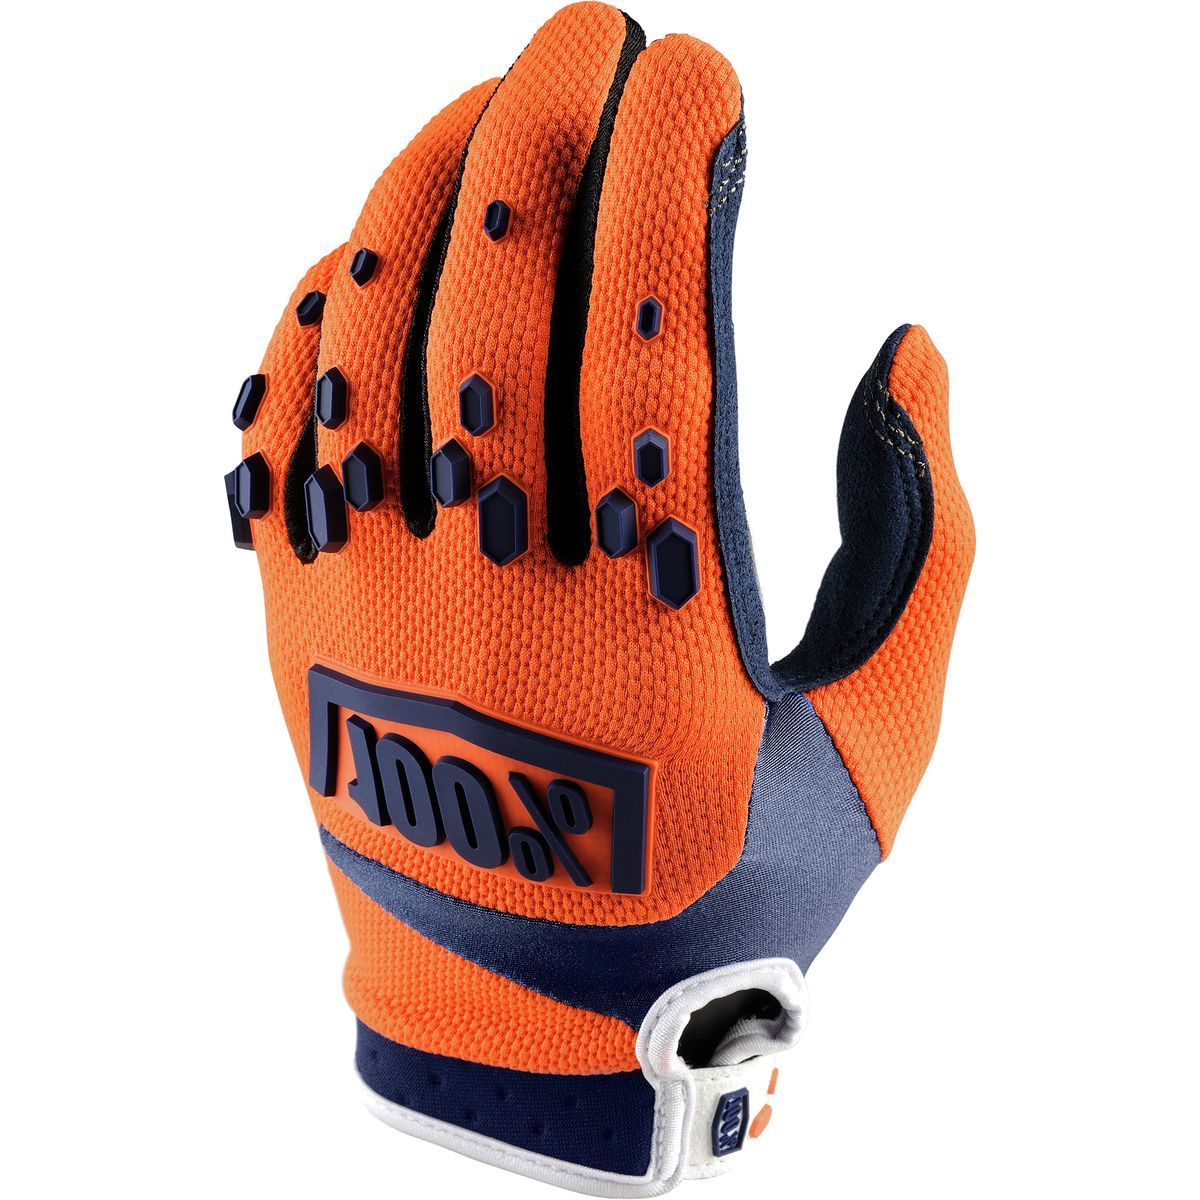 100% AirMatic Glove - Men's